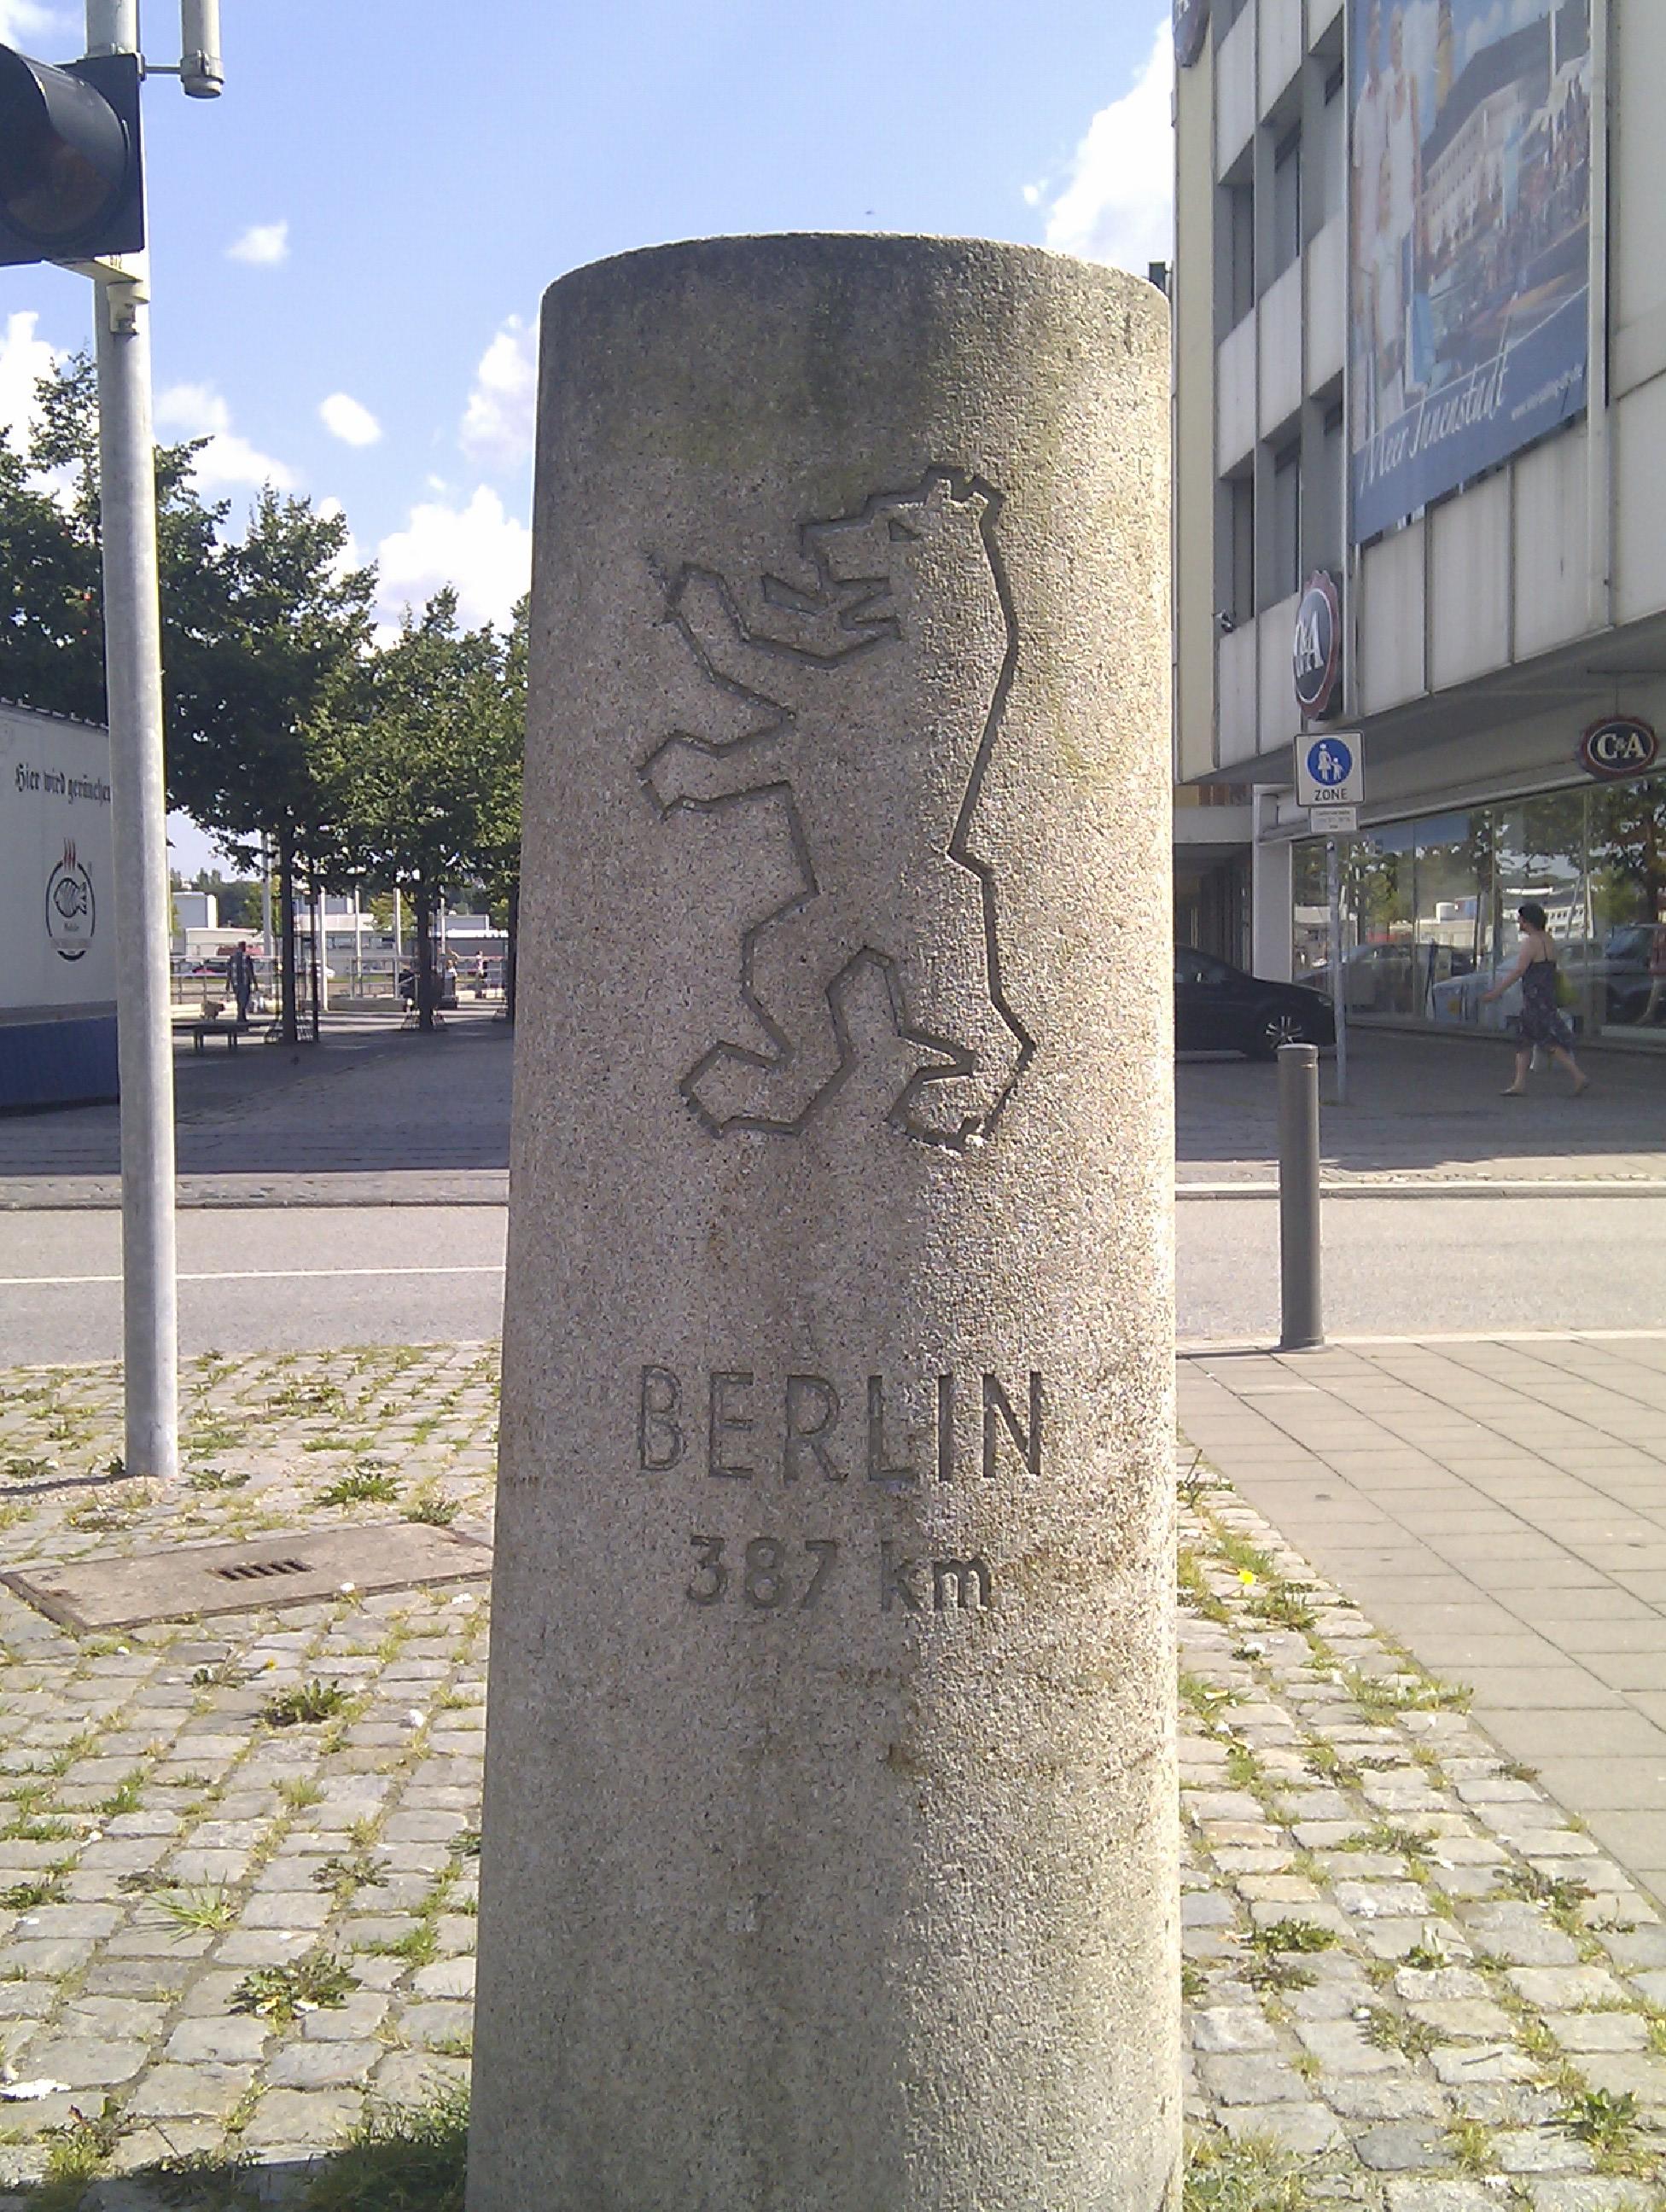 Dæmi um mílustein til Berlínar. Þennan er að finna í hafnarborginni Kiel.